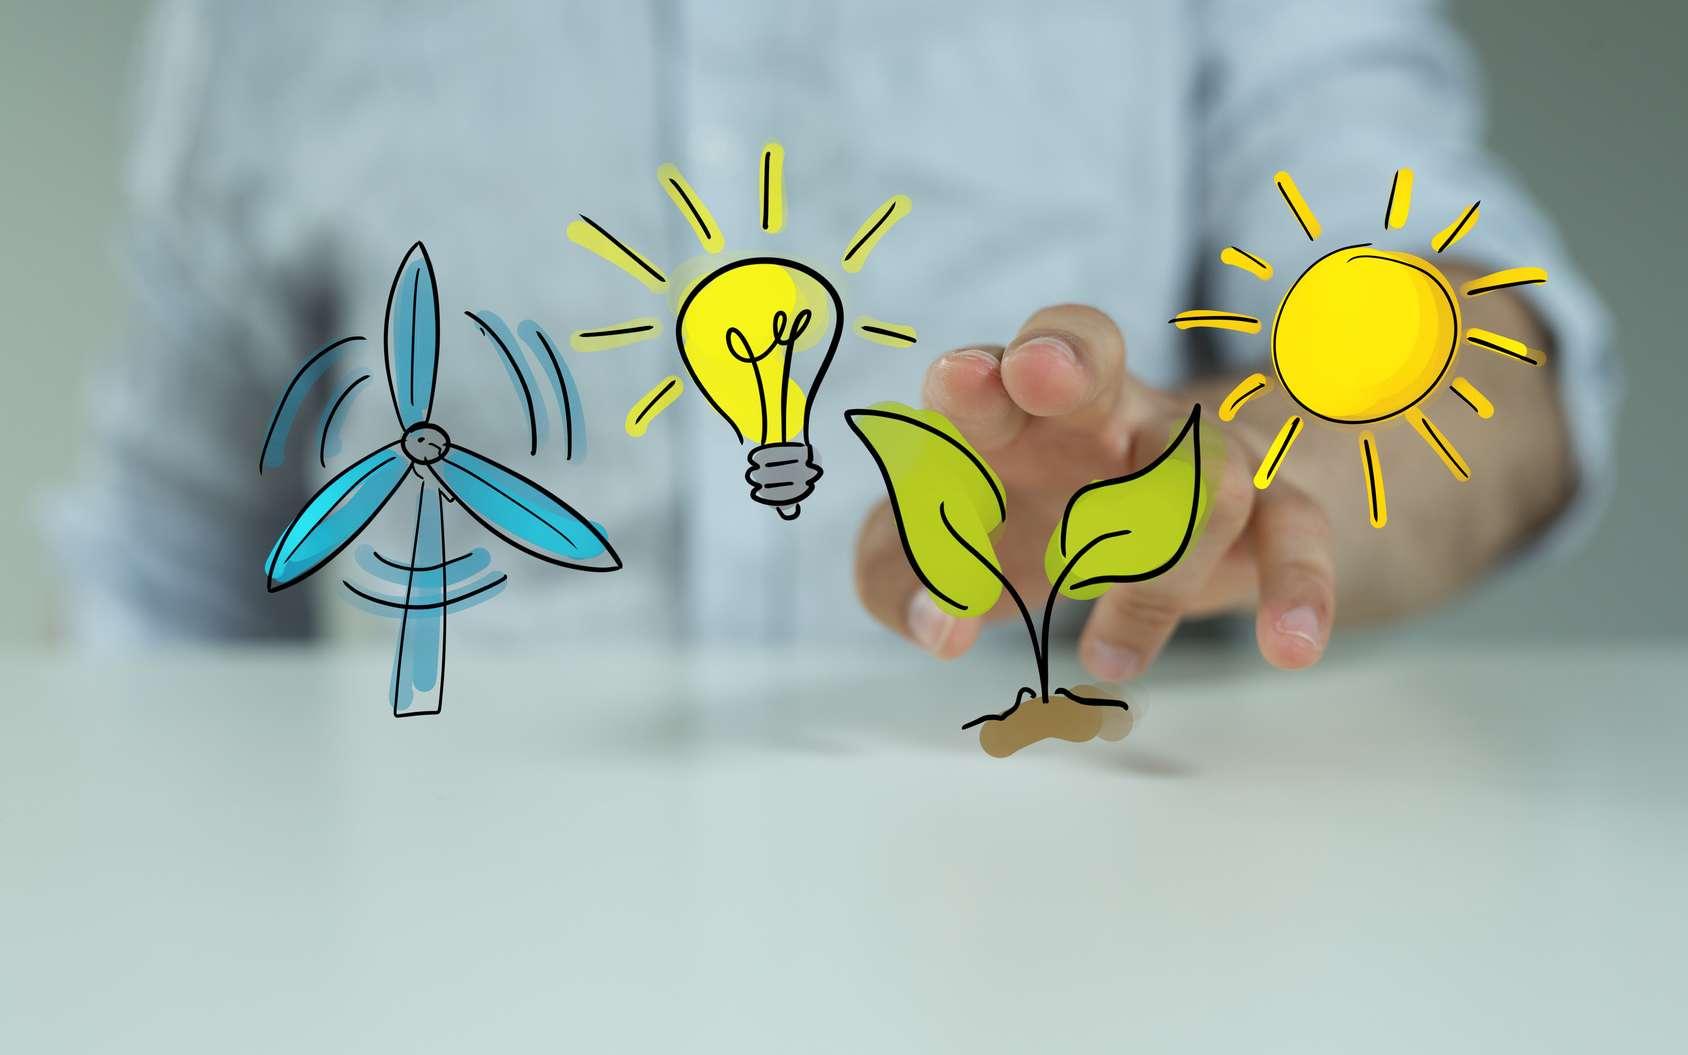 En souscrivant à un contrat vert, le consommateur n'aura pas forcément une électricité d'origine renouvelable mais encourage le développement de celle-ci. © vege, Fotolia